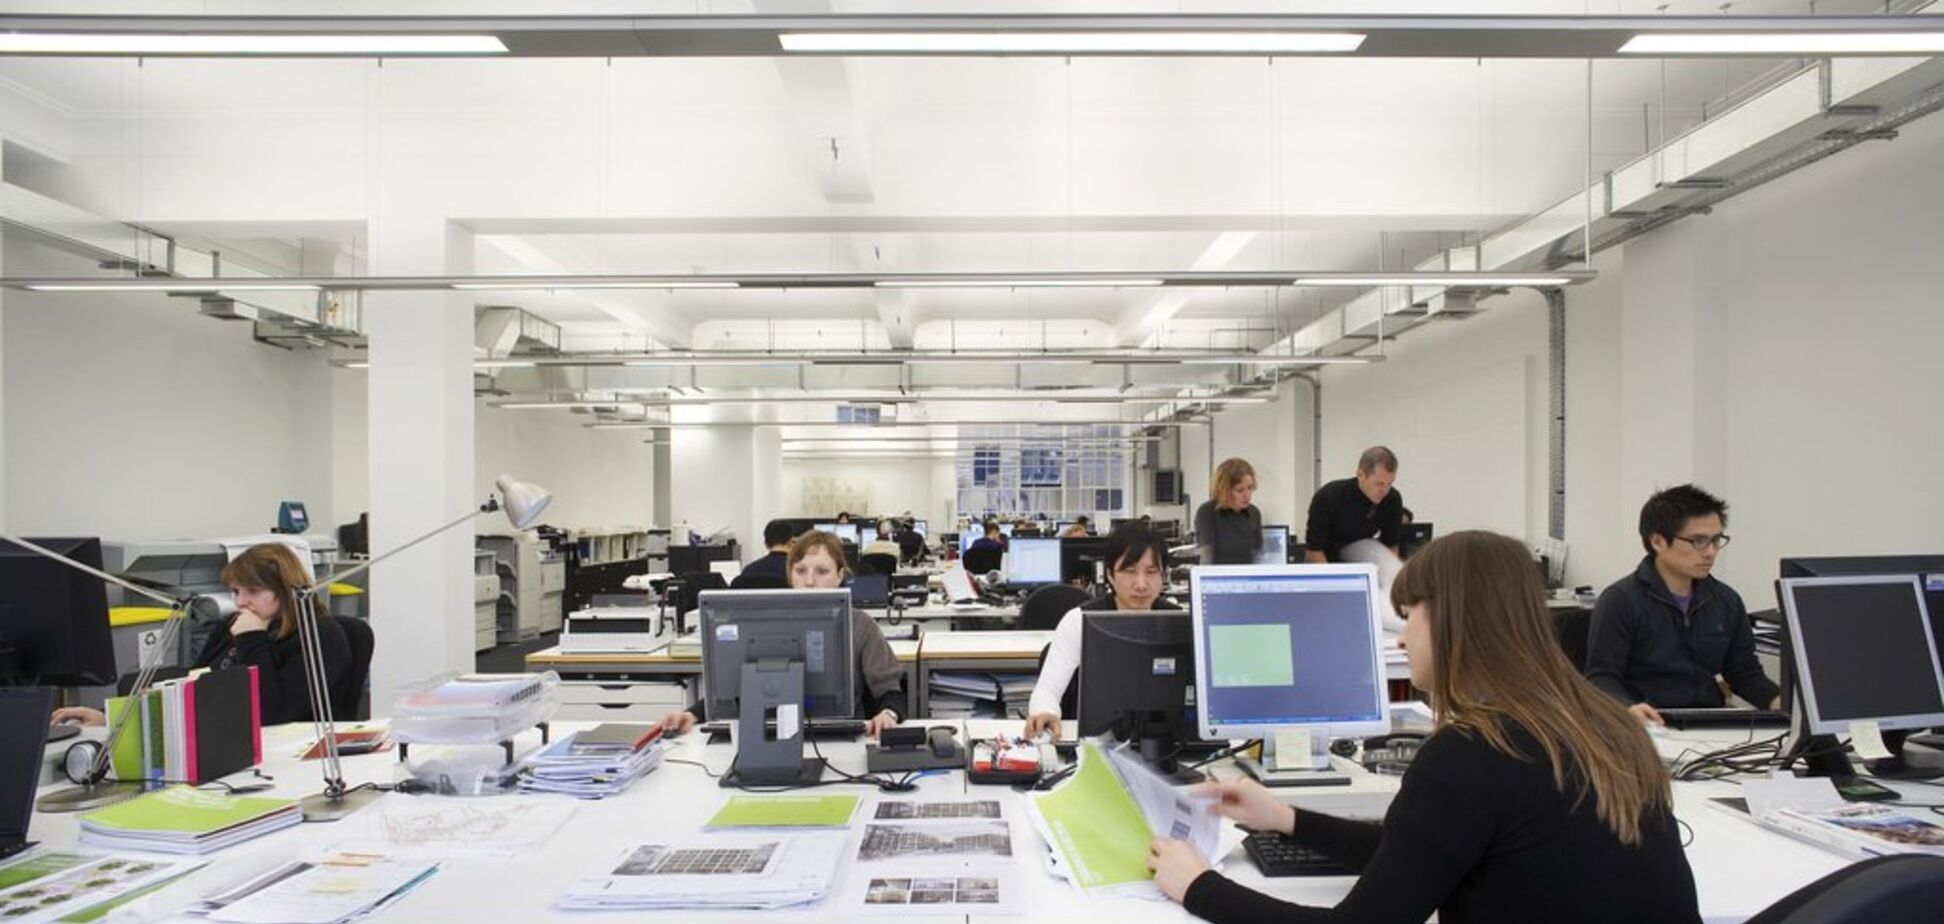 Скорочення робочого тижня: компанії по всьому світу прийшли до несподіваних висновків